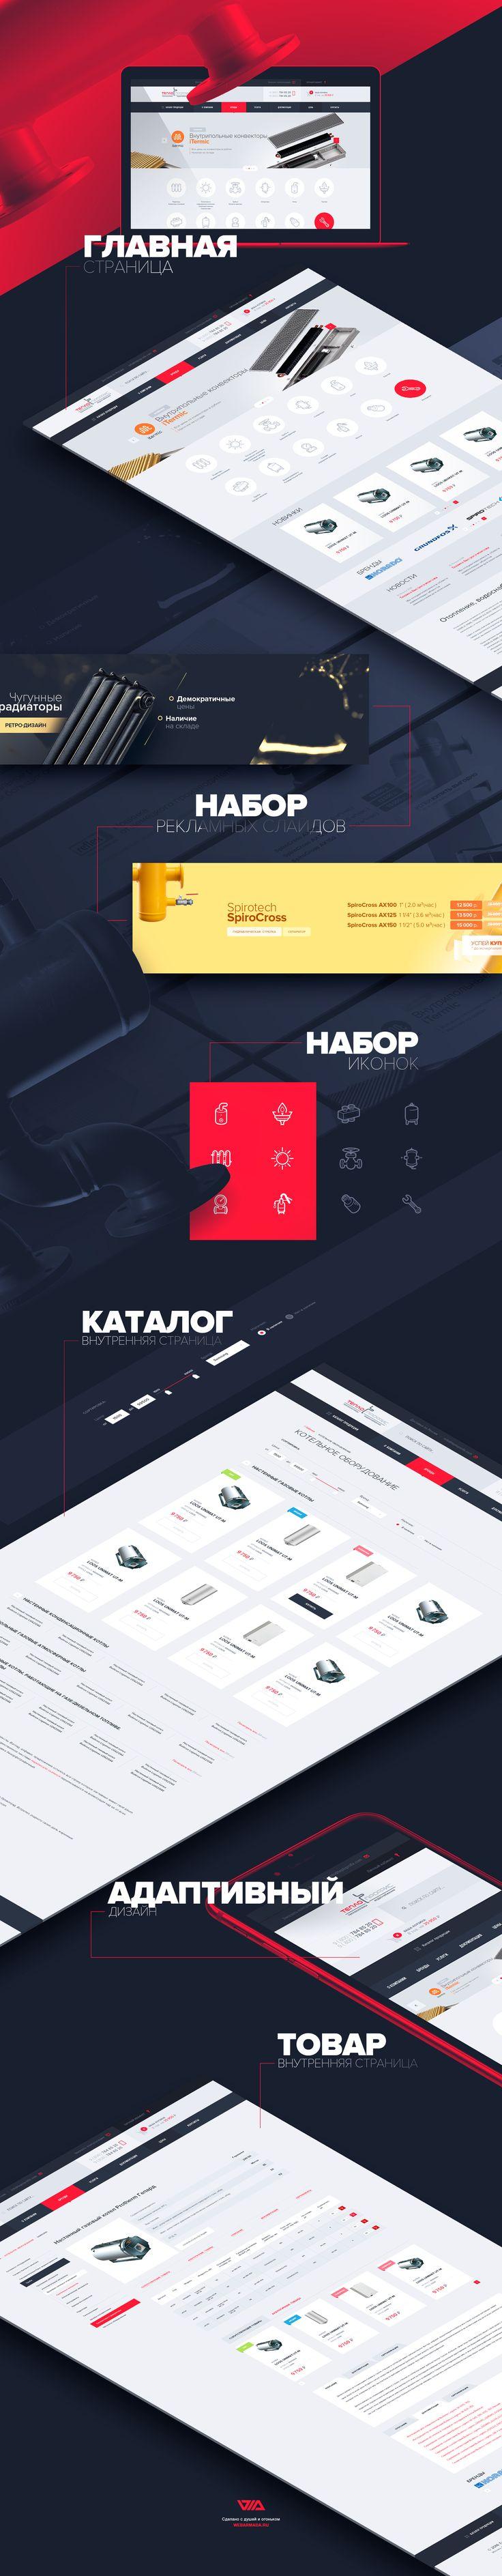 ТеплоПрофис — интернет-магазин систем теплоснабжения